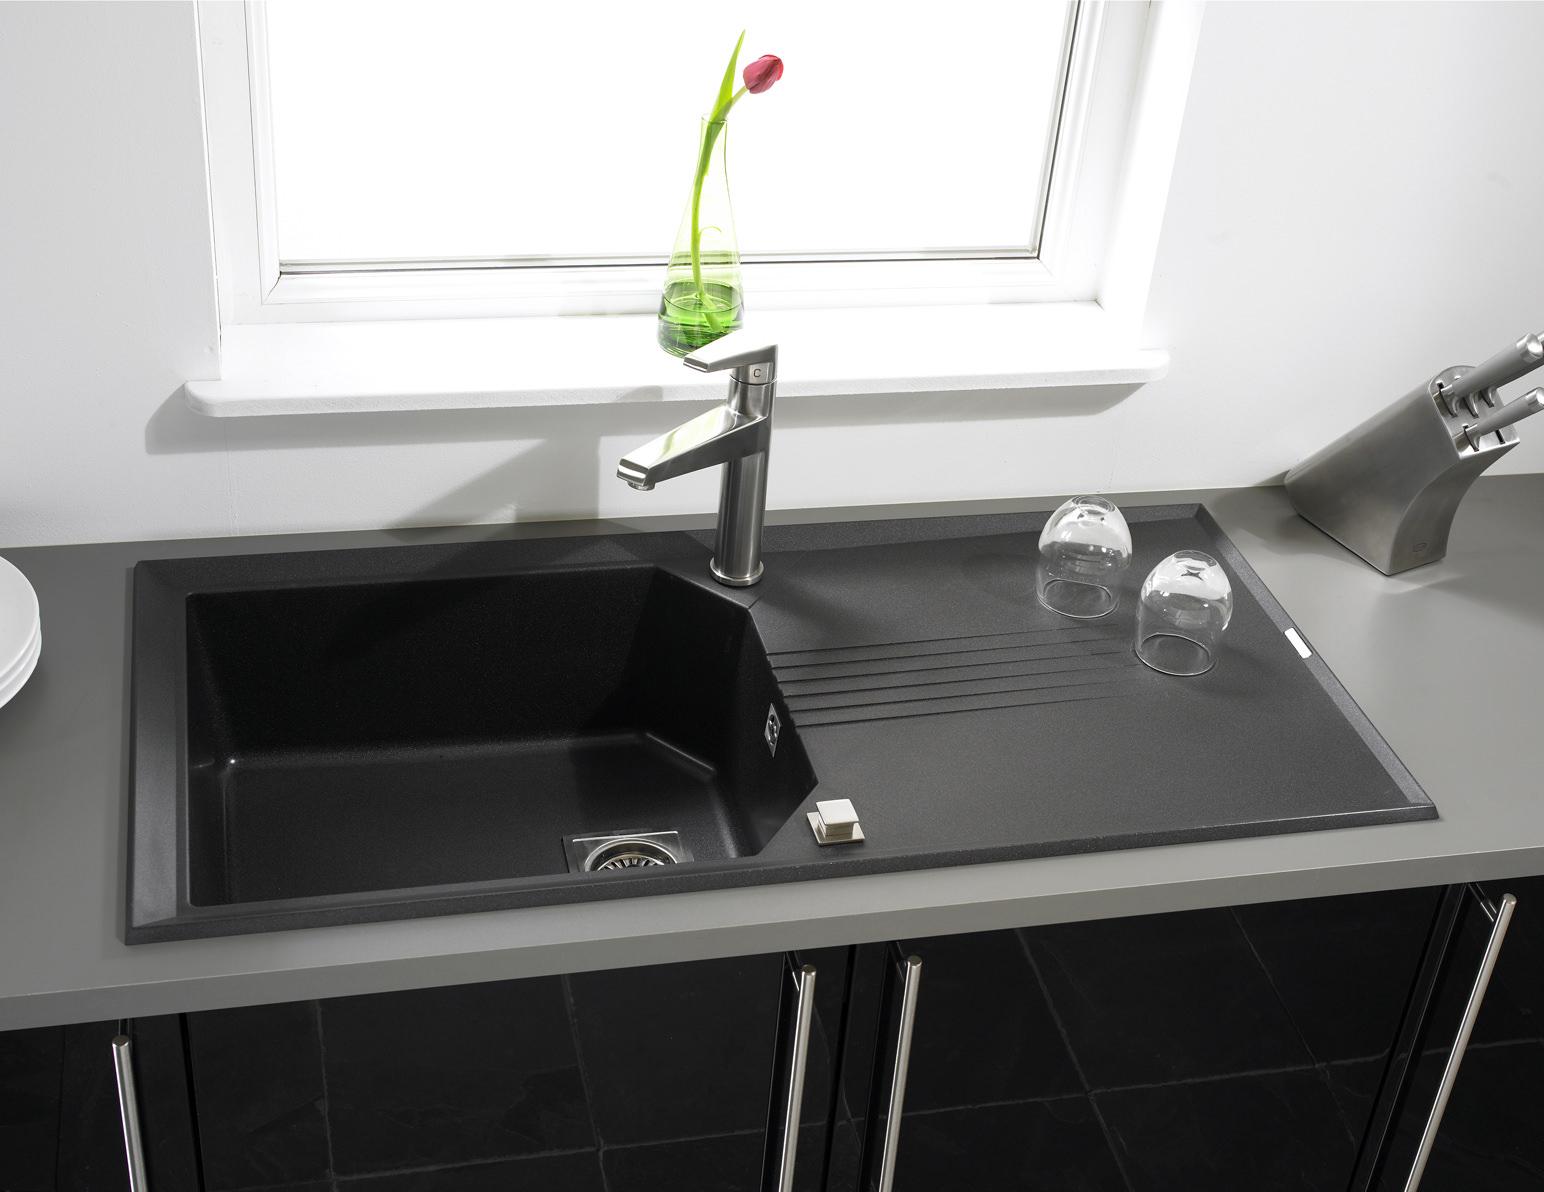 composite kitchen sinks uk. blanco kitchen sink. astracast monza